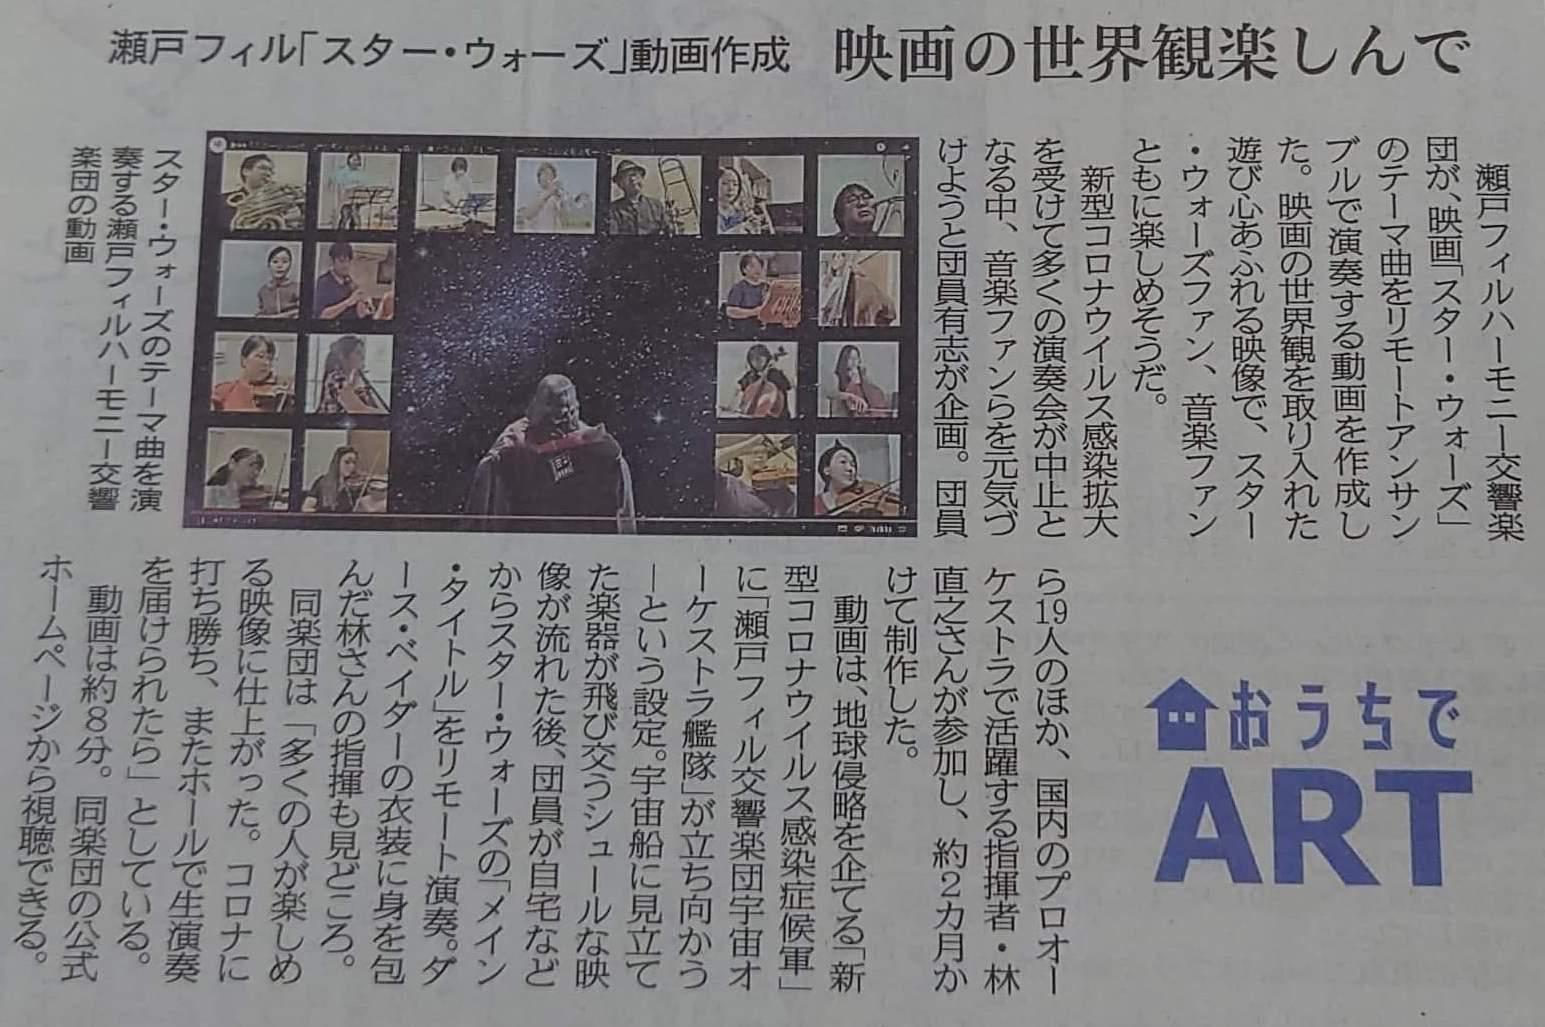 2020年9月3日付け四国新聞朝刊